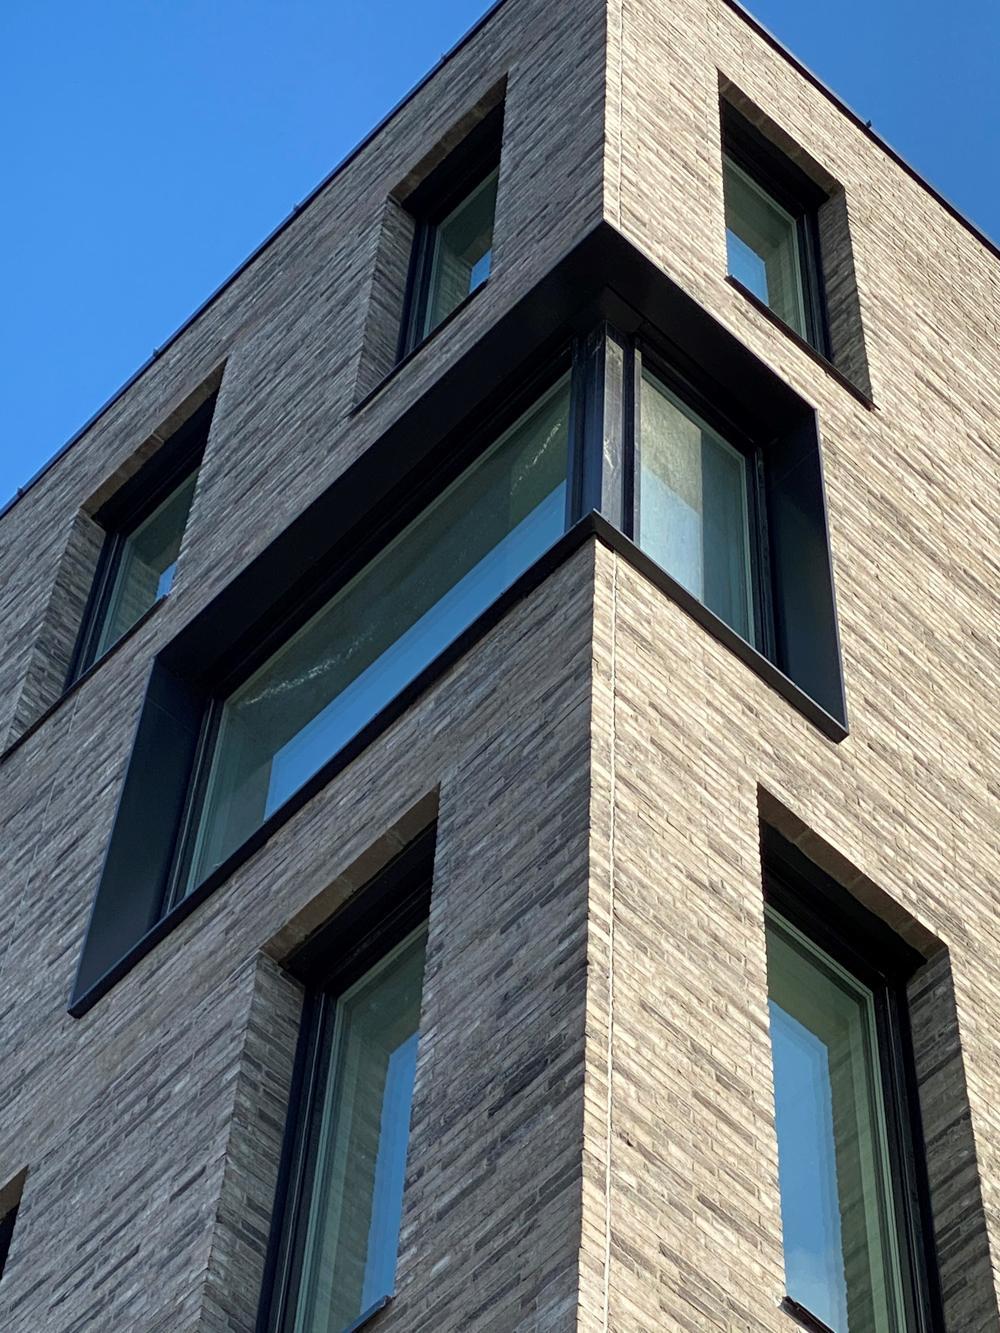 STORE BREDDE: Protan tar hånd om alle typer prosjekter, fra planlegging til ferdig prosjekt - Bodø Innovation Gate.